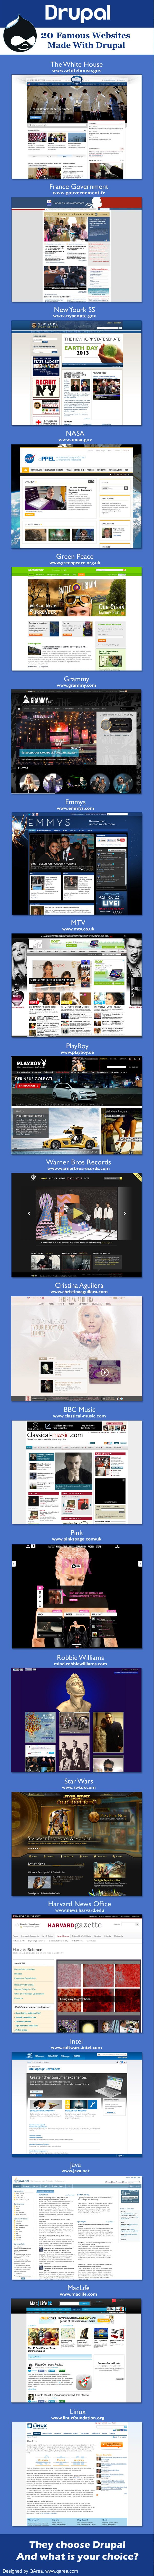 Drupal Infographic - 20 Famous Websites